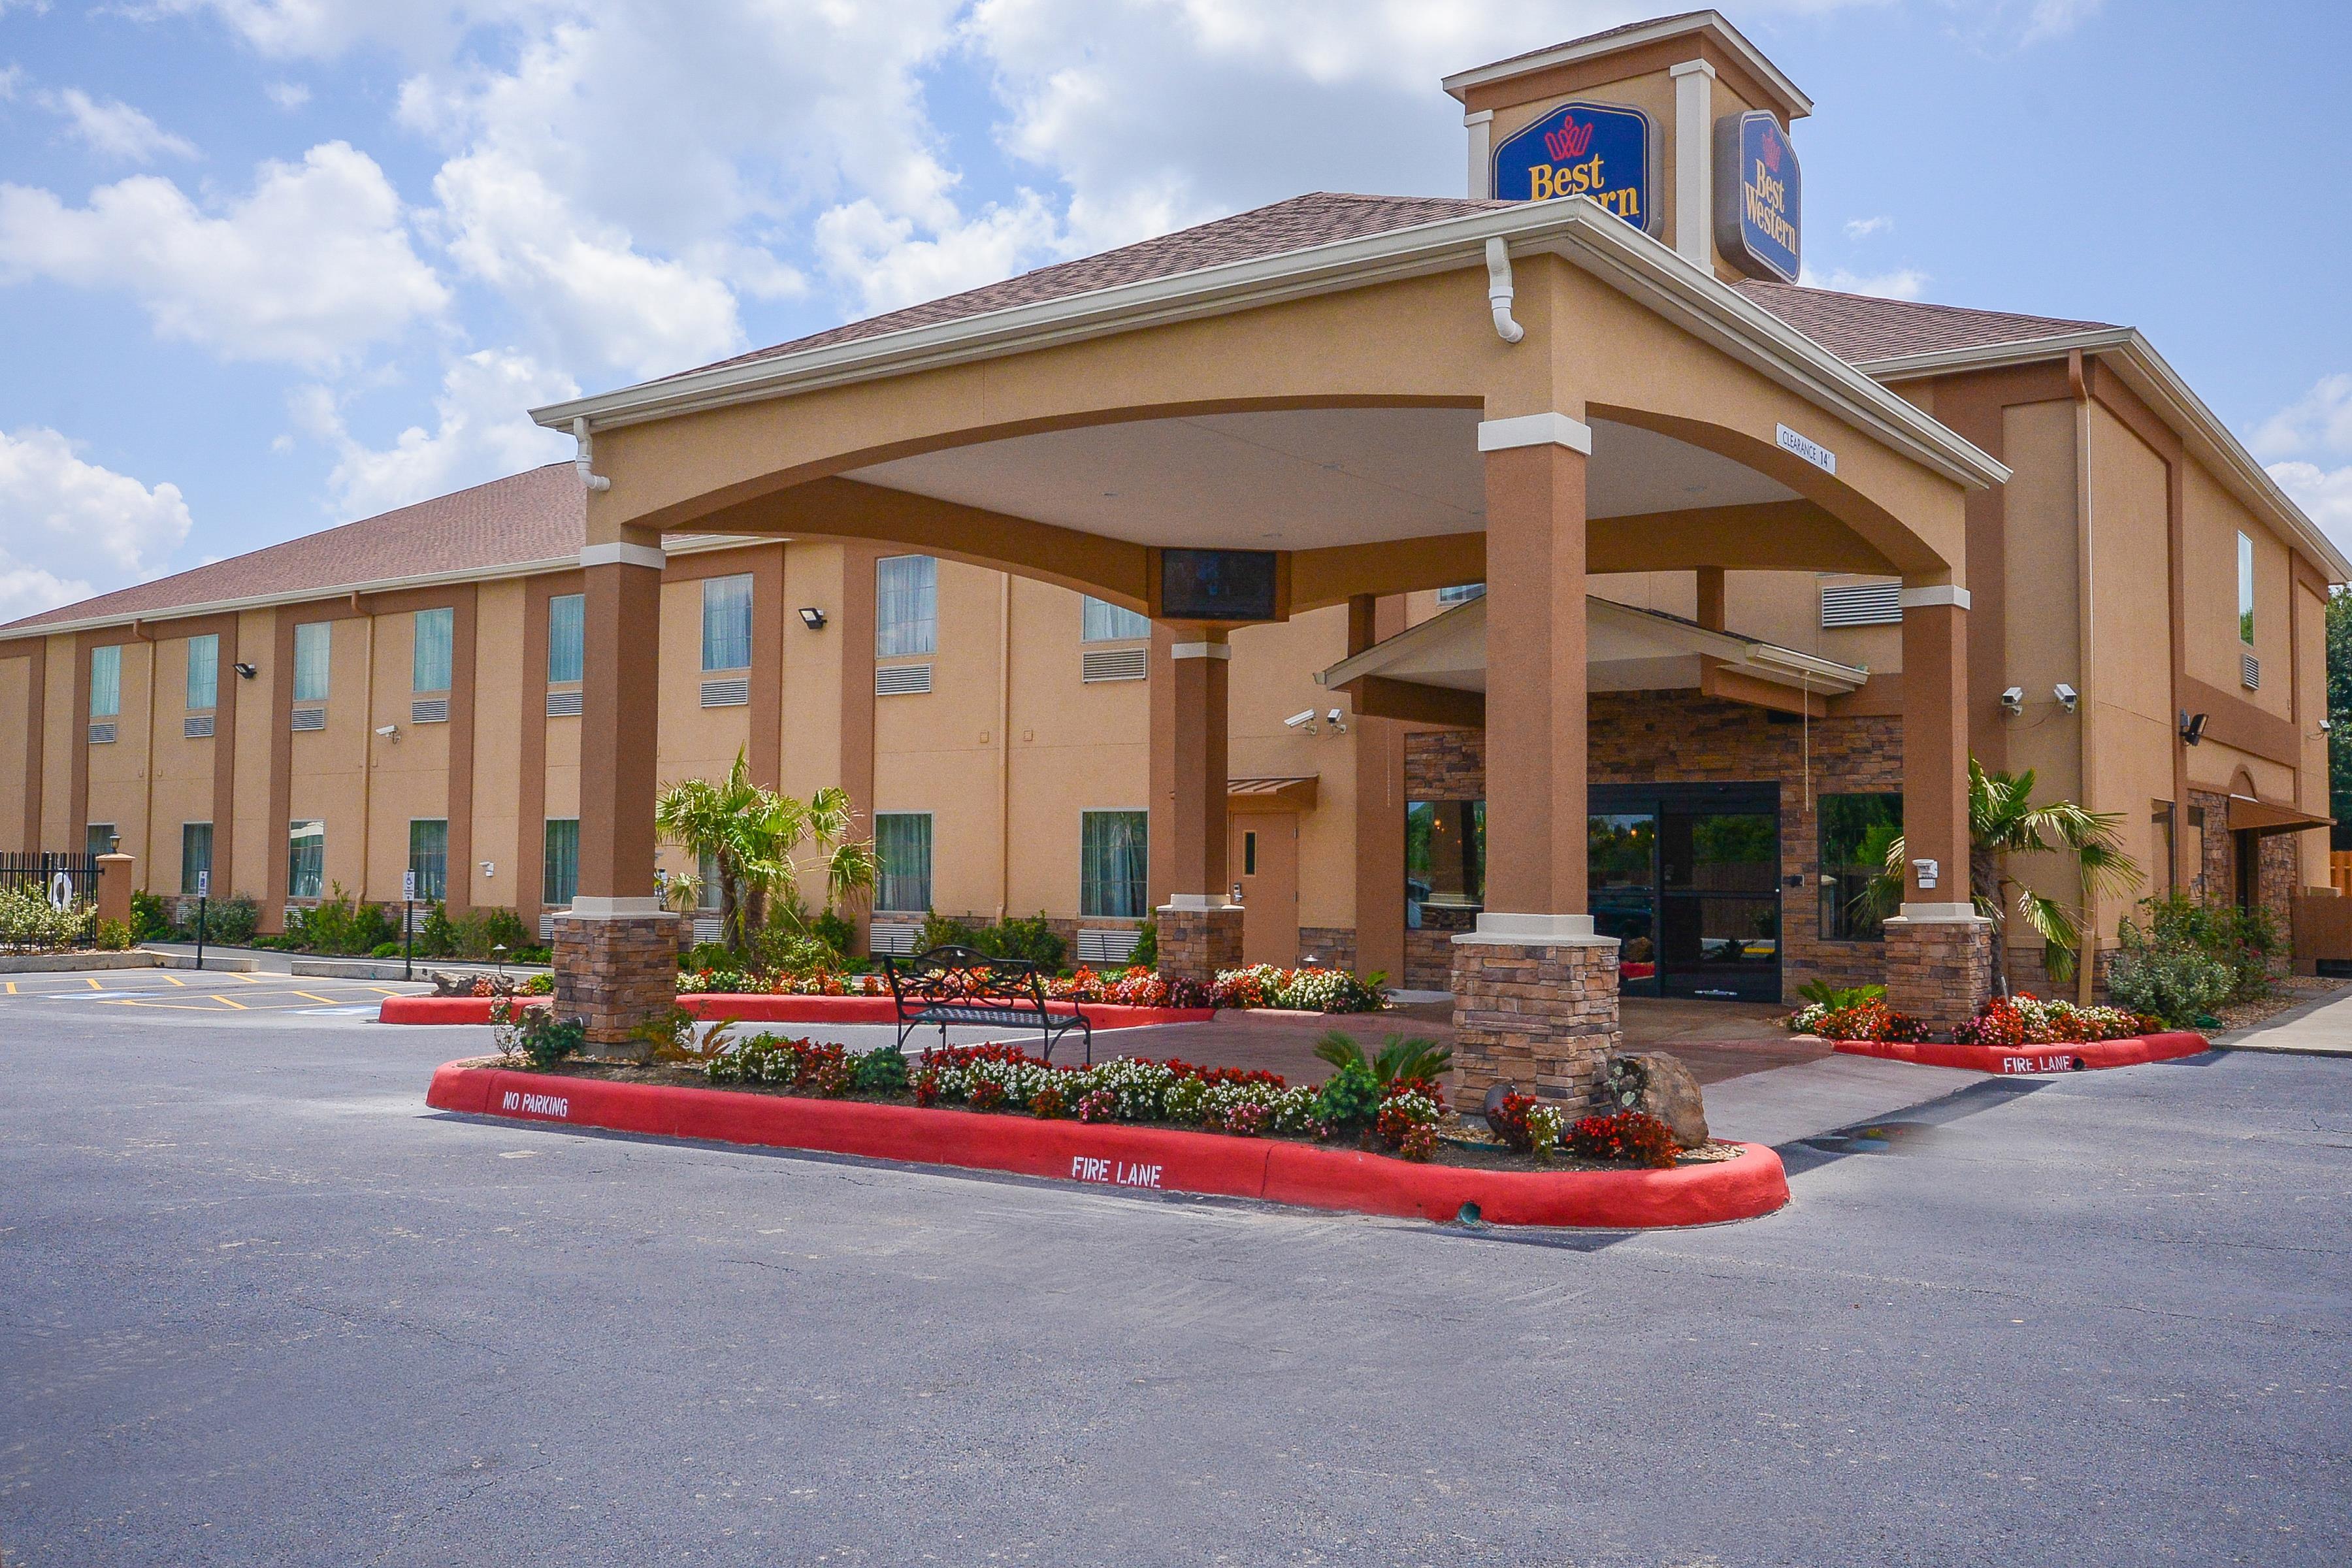 Vinton casino yourdream-casino.com